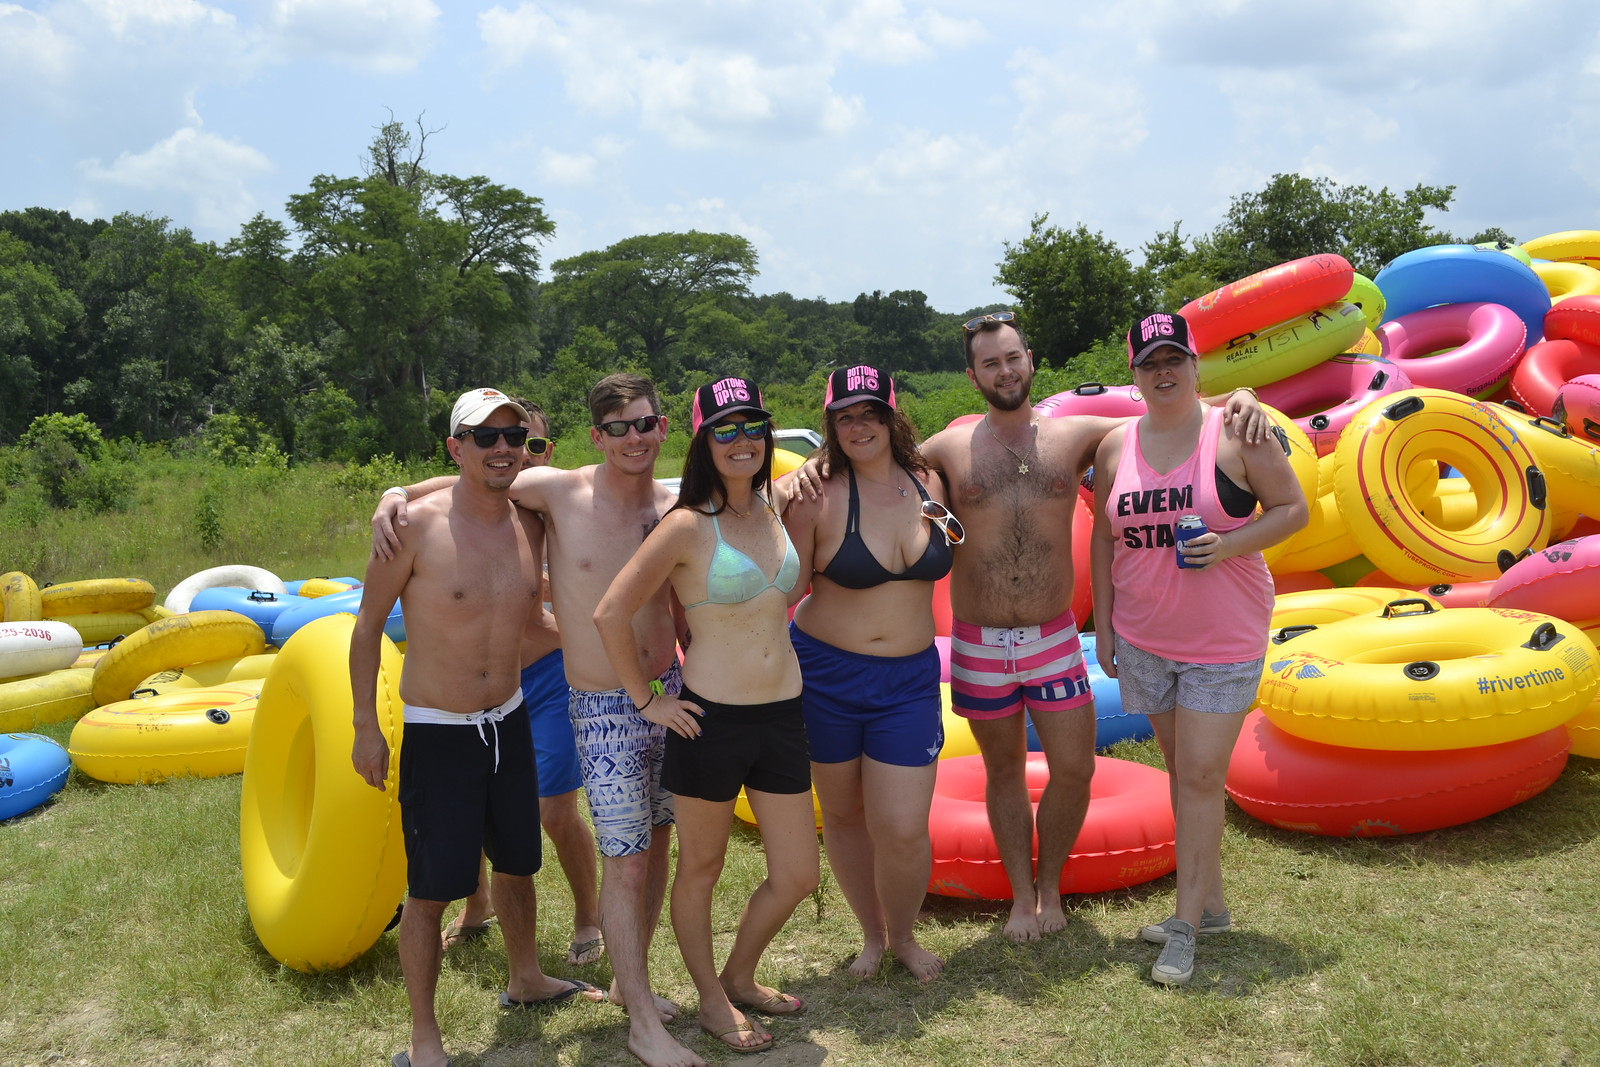 06/12/16: GAYTRIPPER: The Big Gay River Float